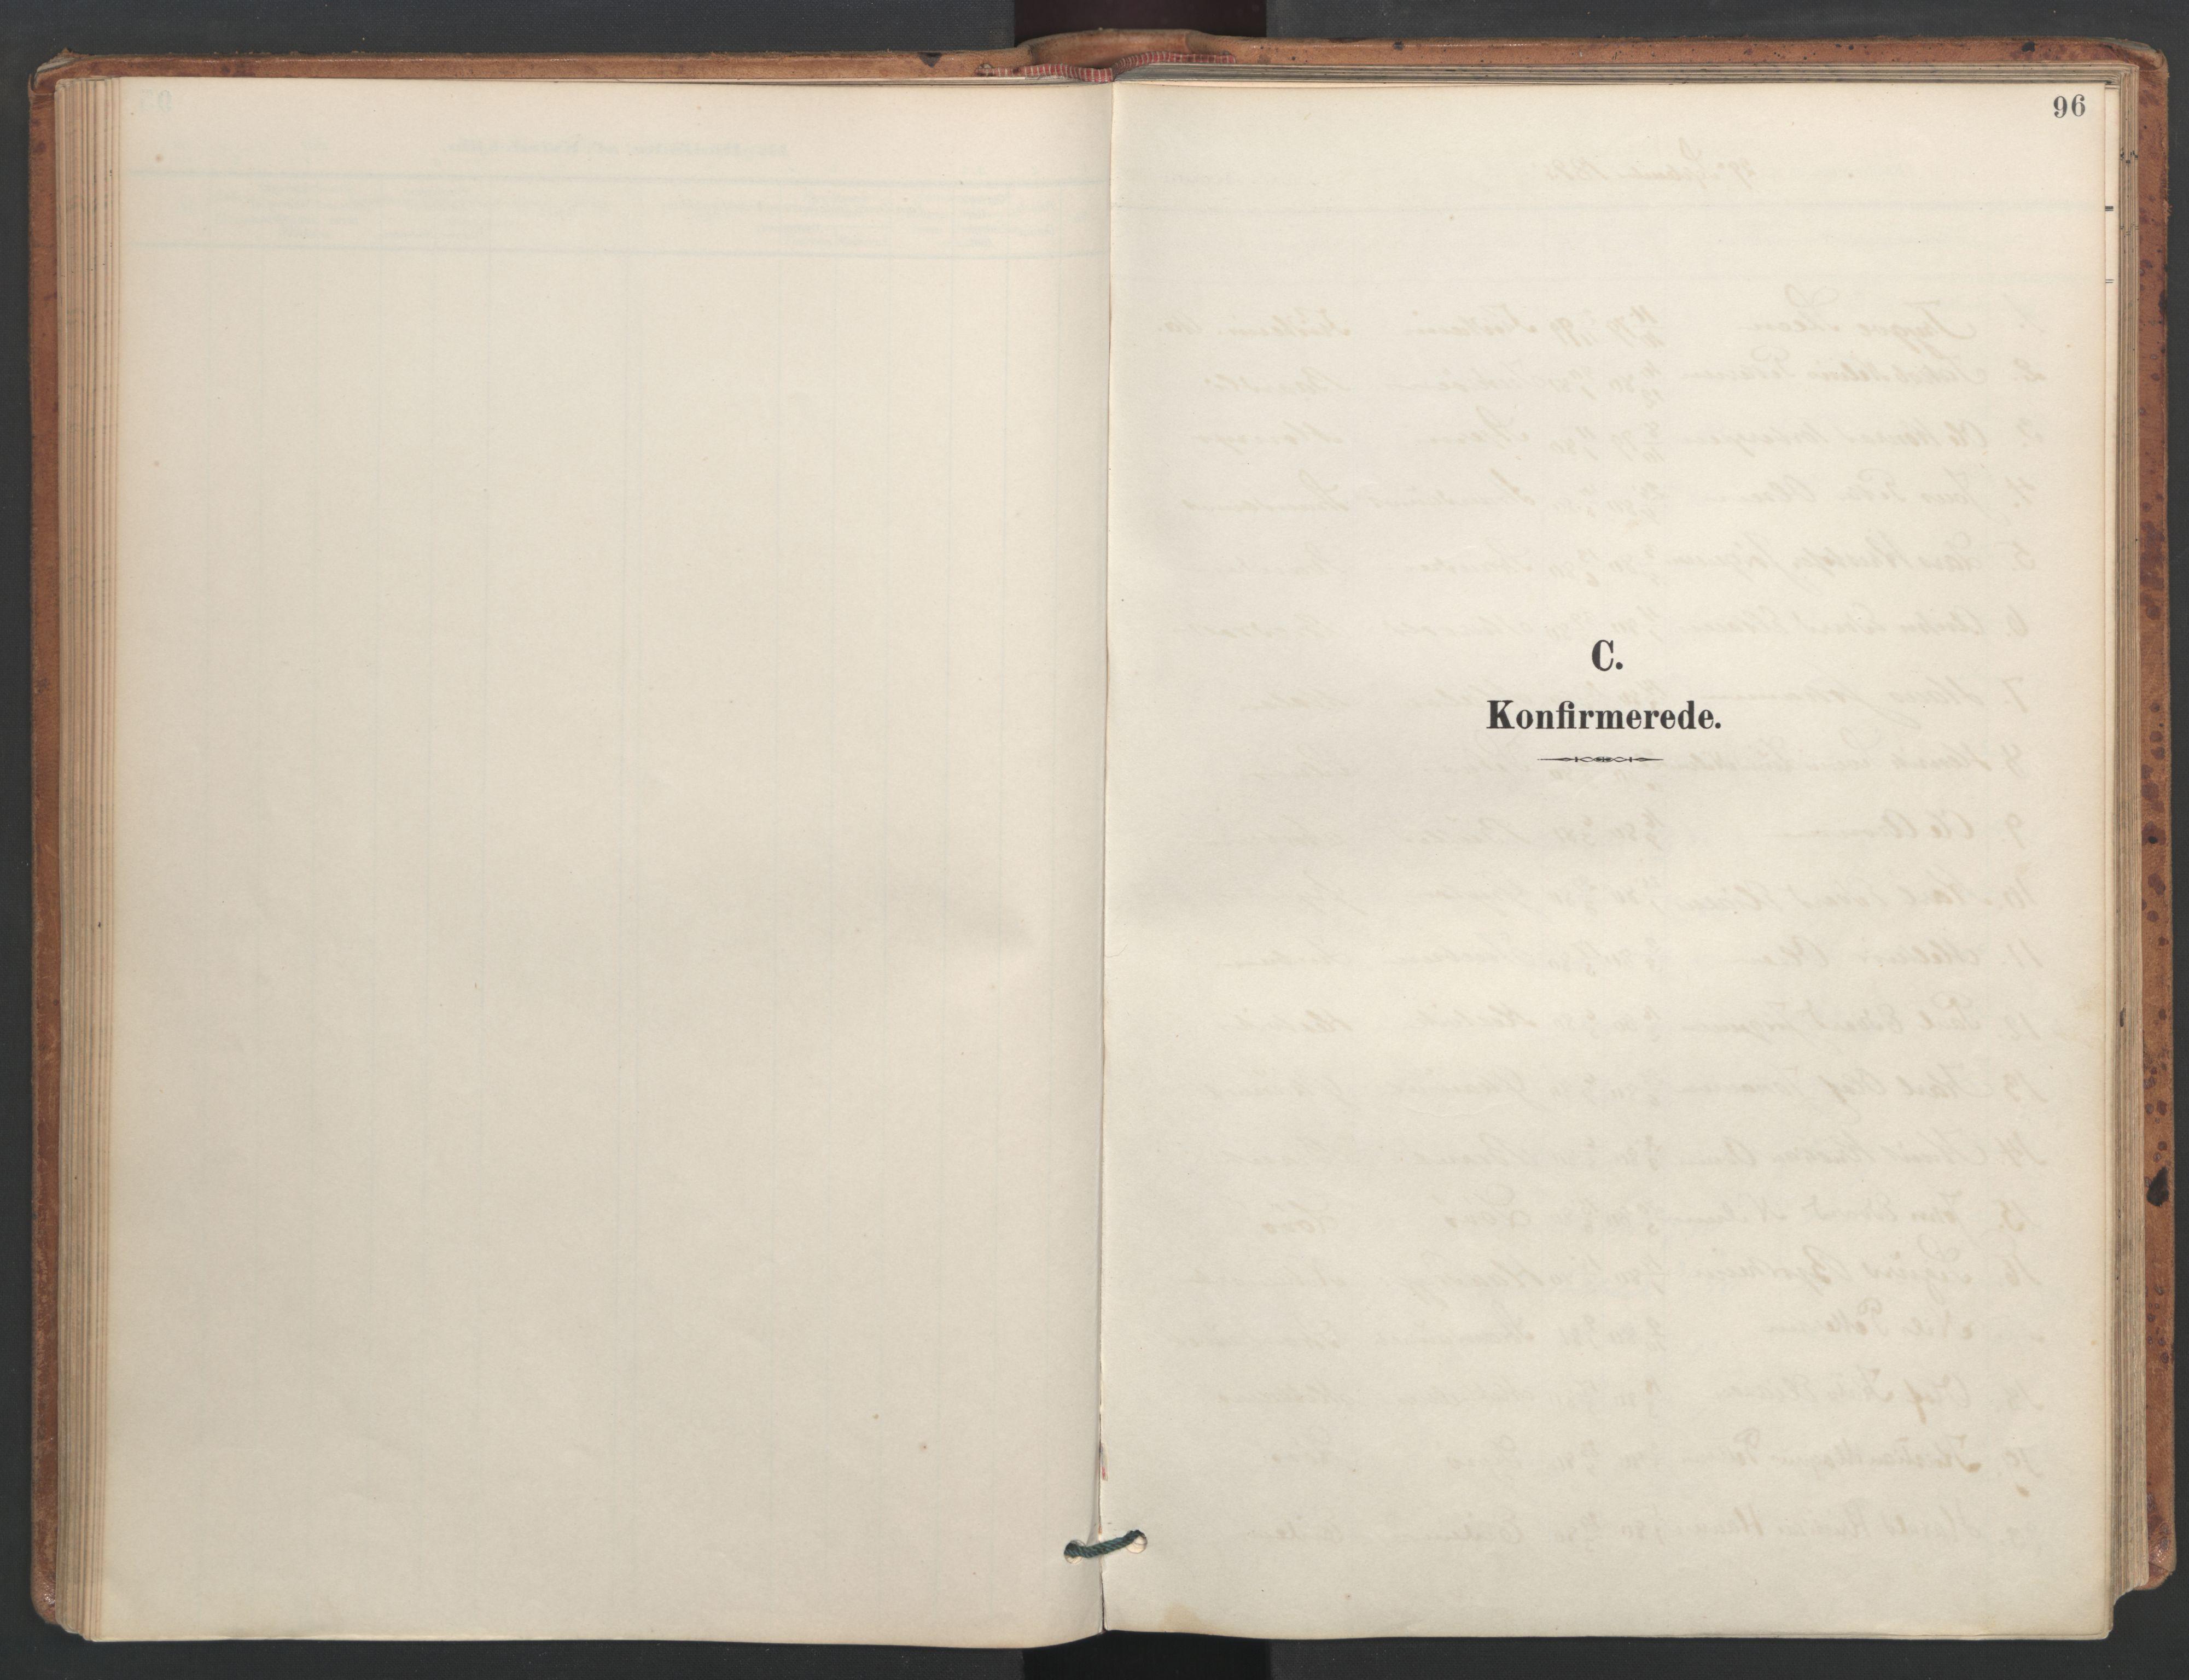 SAT, Ministerialprotokoller, klokkerbøker og fødselsregistre - Sør-Trøndelag, 655/L0681: Ministerialbok nr. 655A10, 1895-1907, s. 94